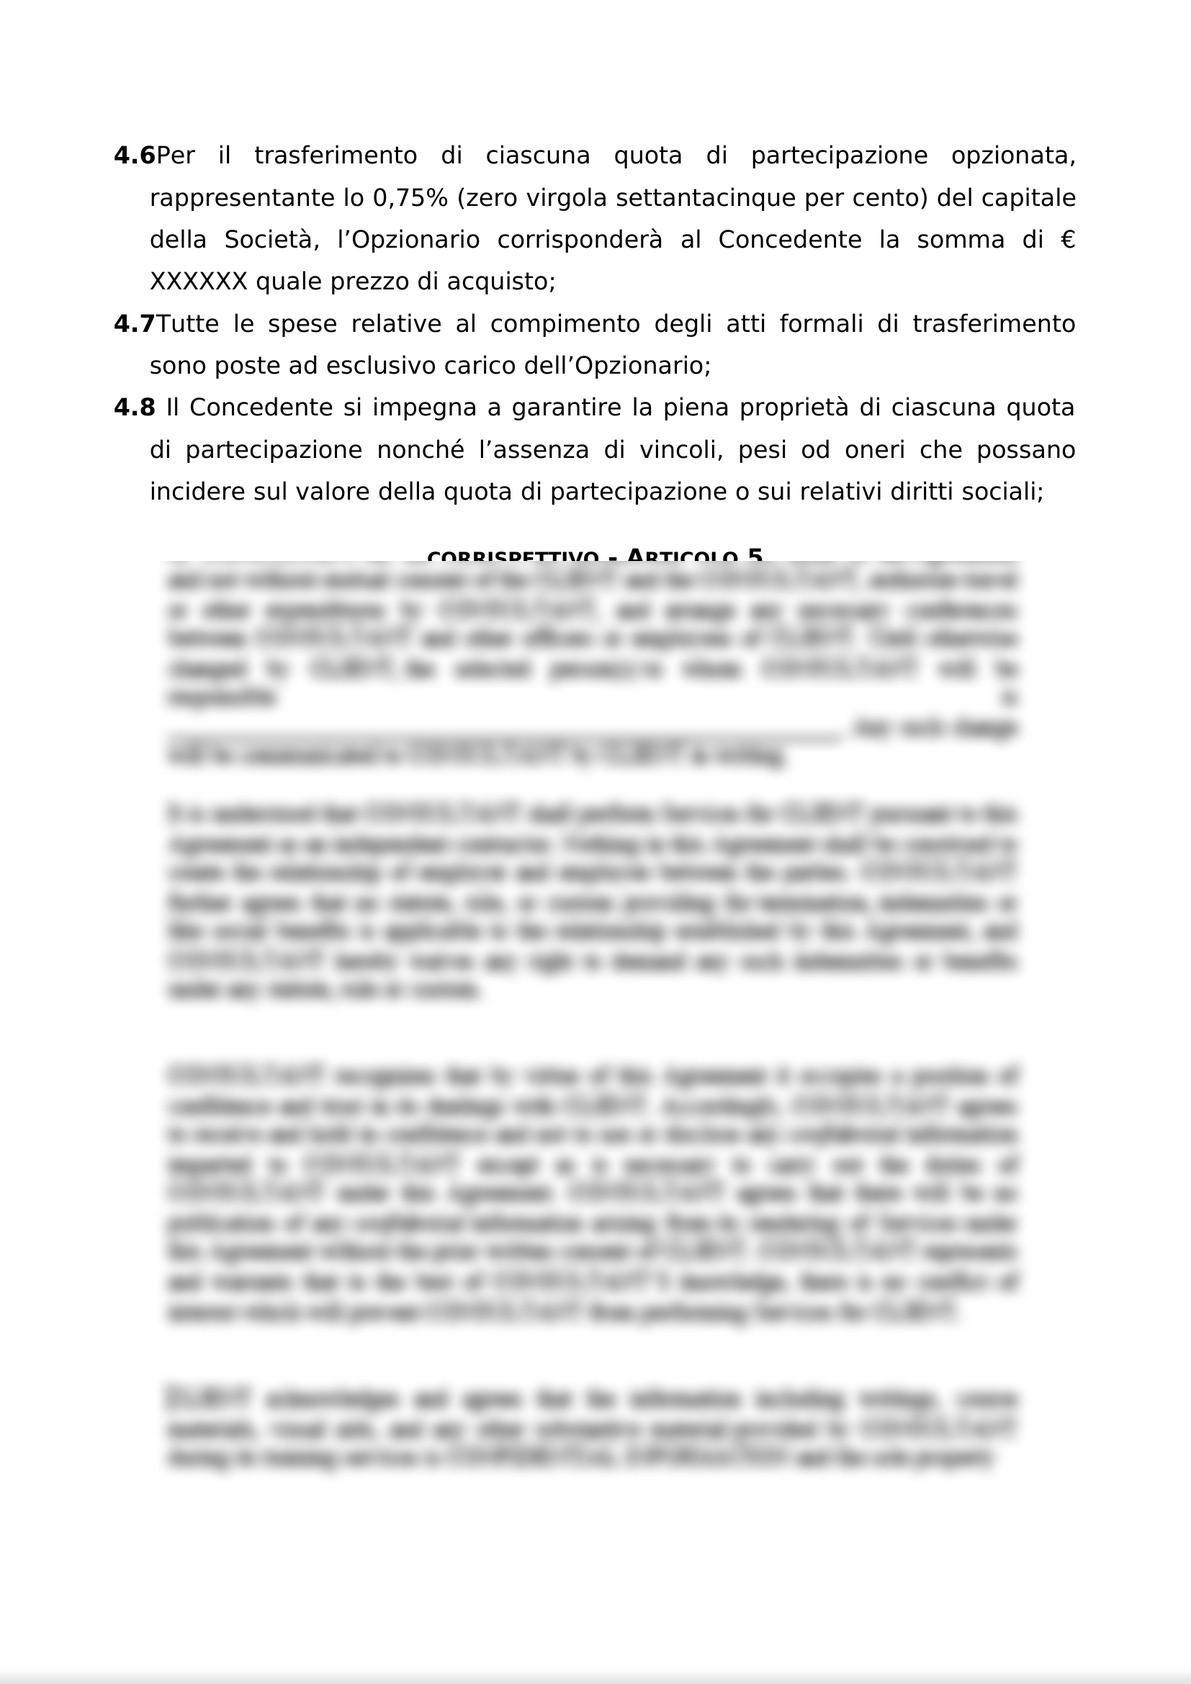 ACCORDO PER L'ATTRIBUZIONE DI DIRITTI DI OPZIONE DI ACQUISTO-7